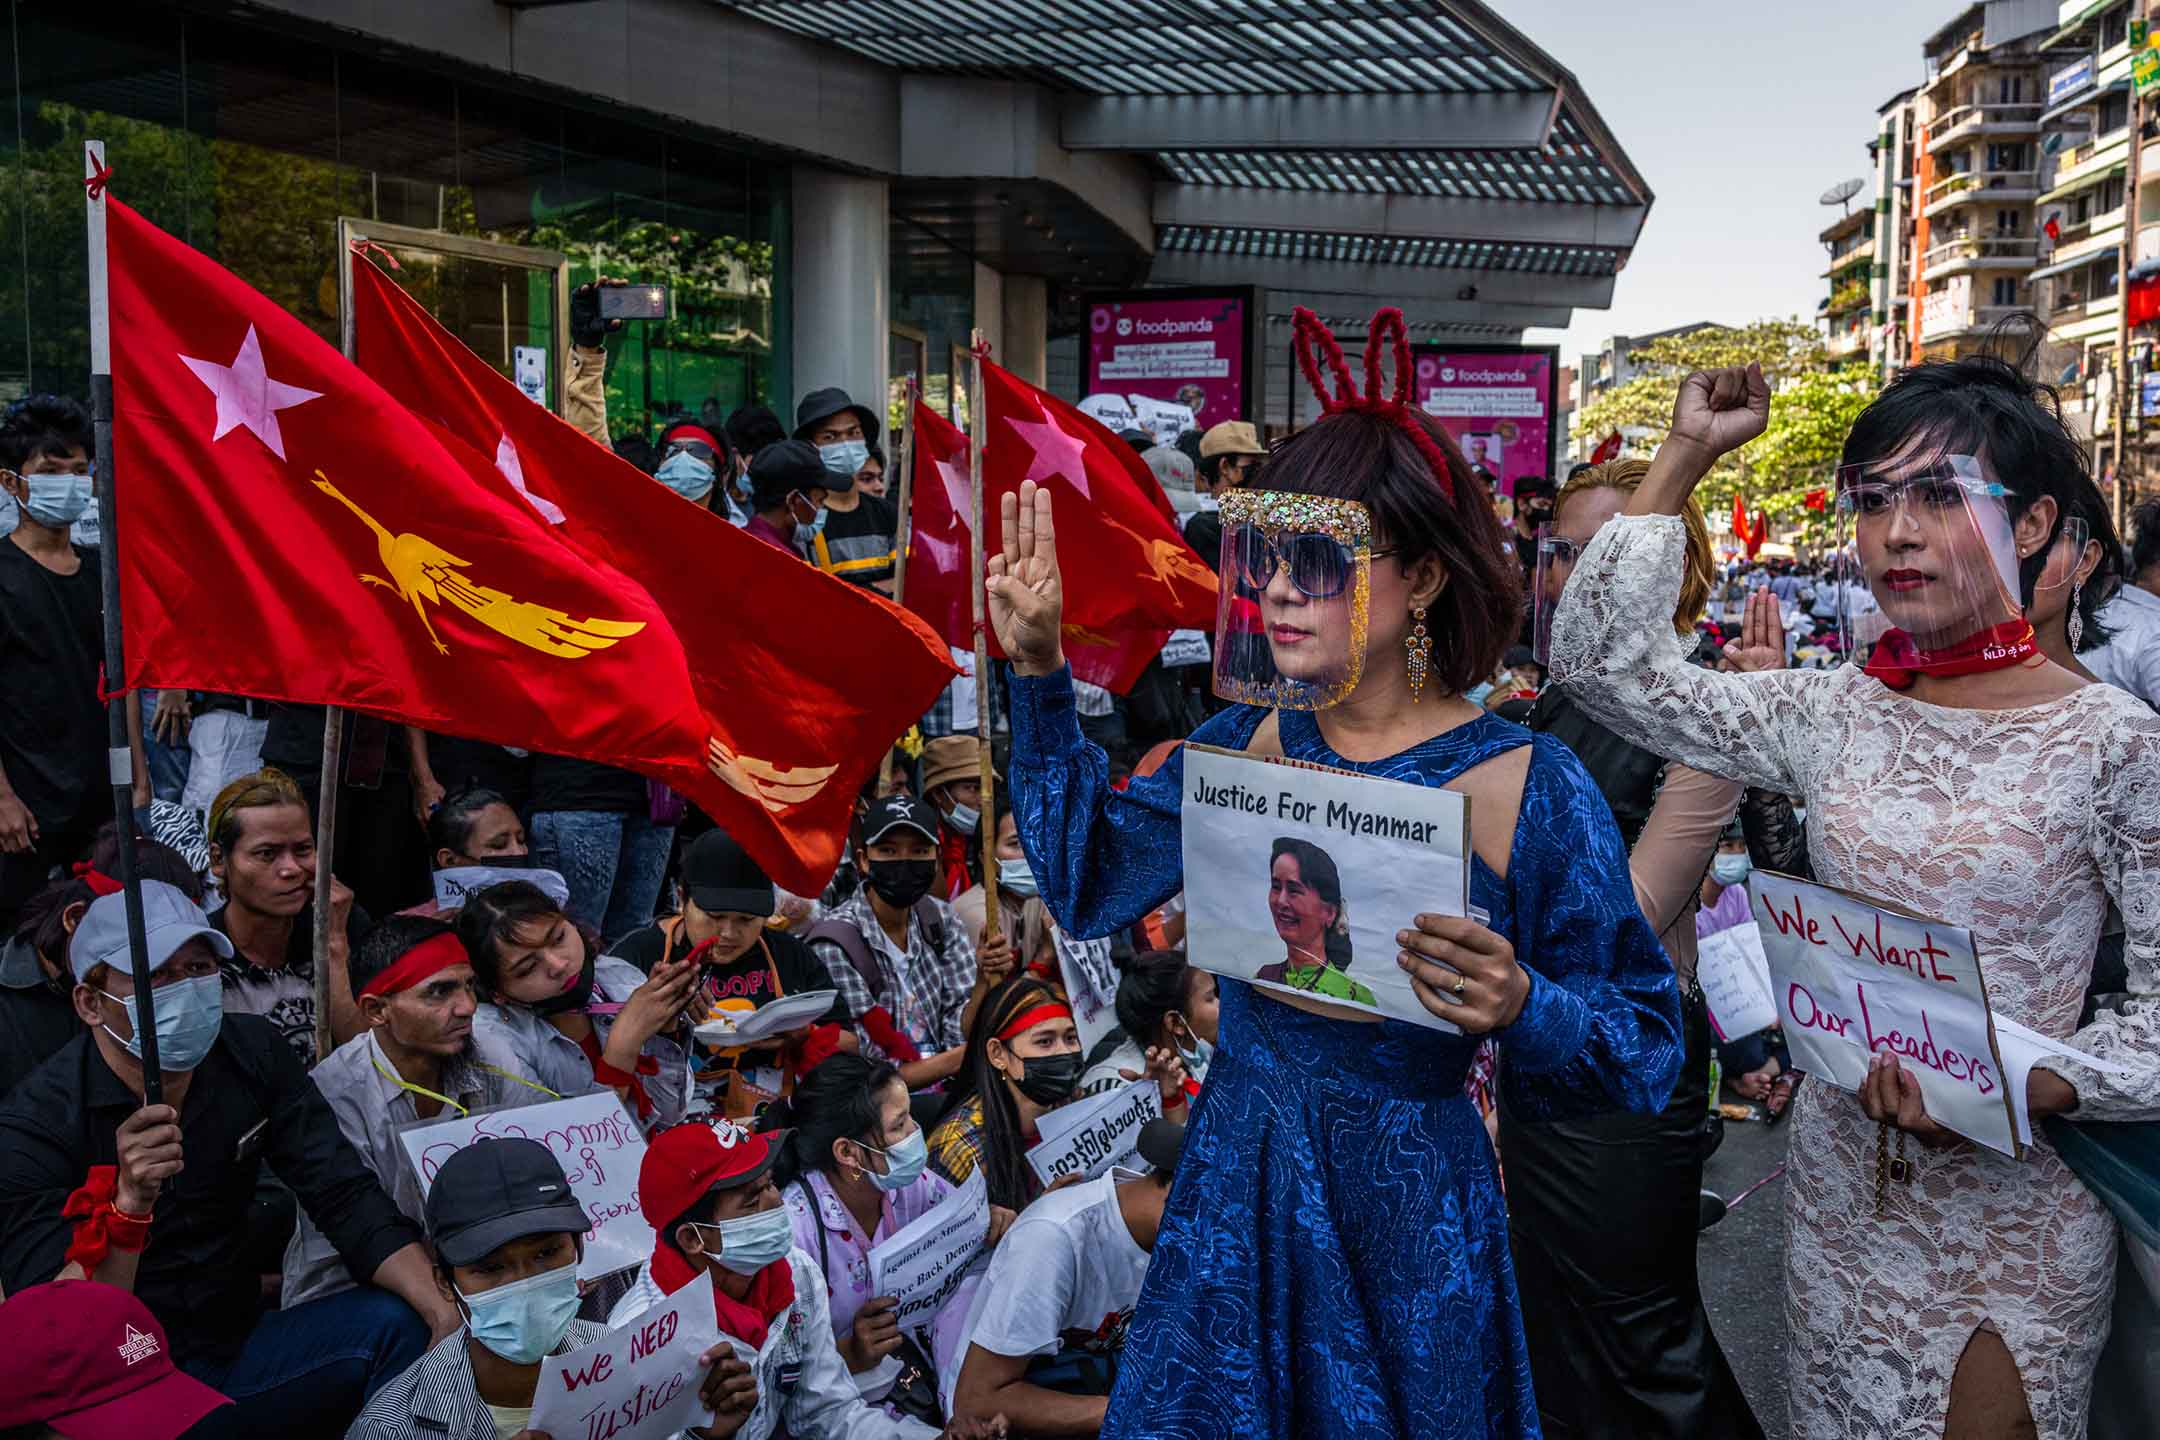 2021年2月10日緬甸仰光,示威者舉著領導人昂山素姬的照片。